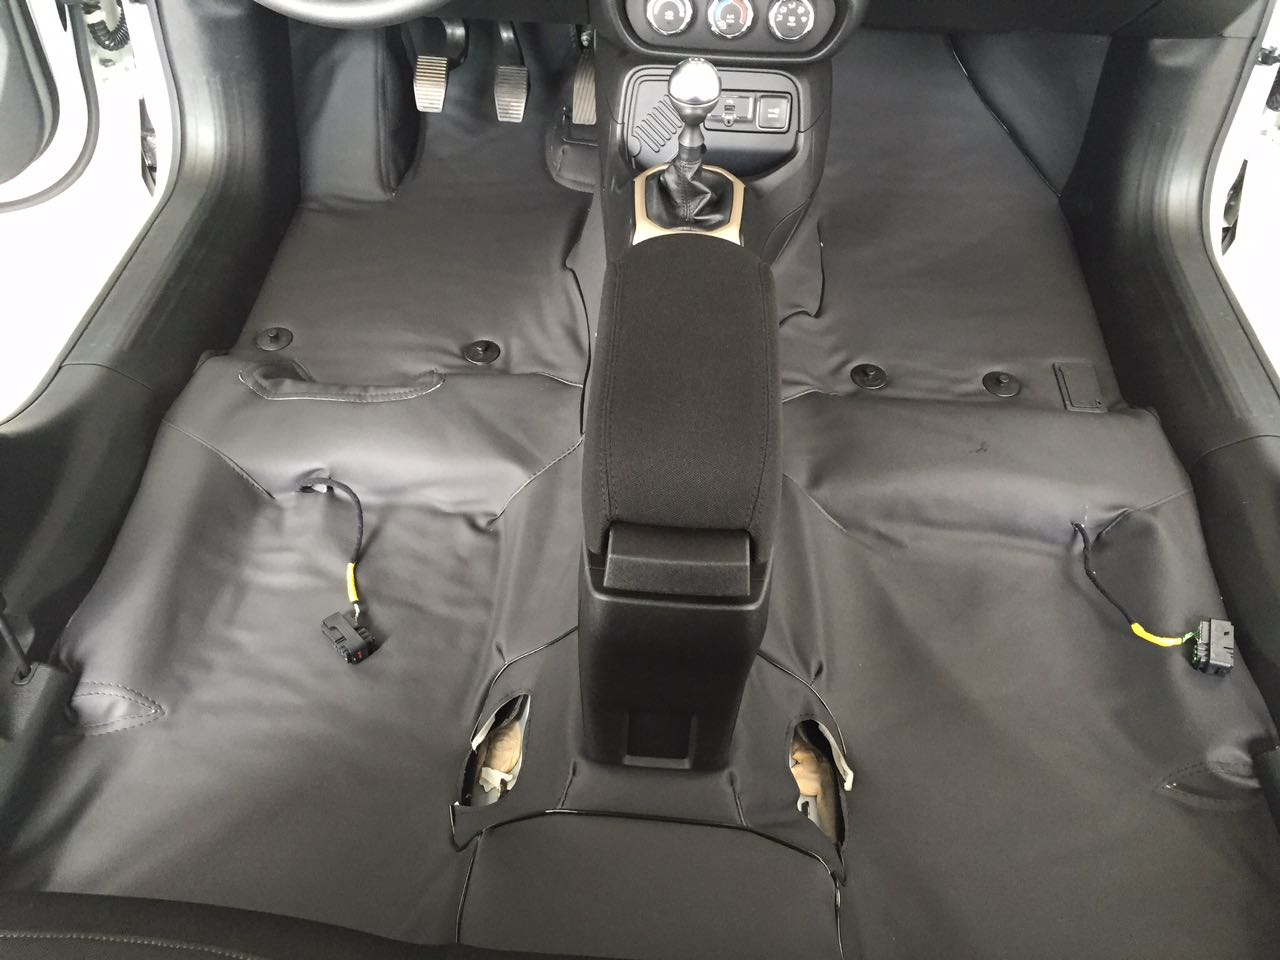 tapete Super Luxo Automotivo Assoalho chevrolet Captiva com mala